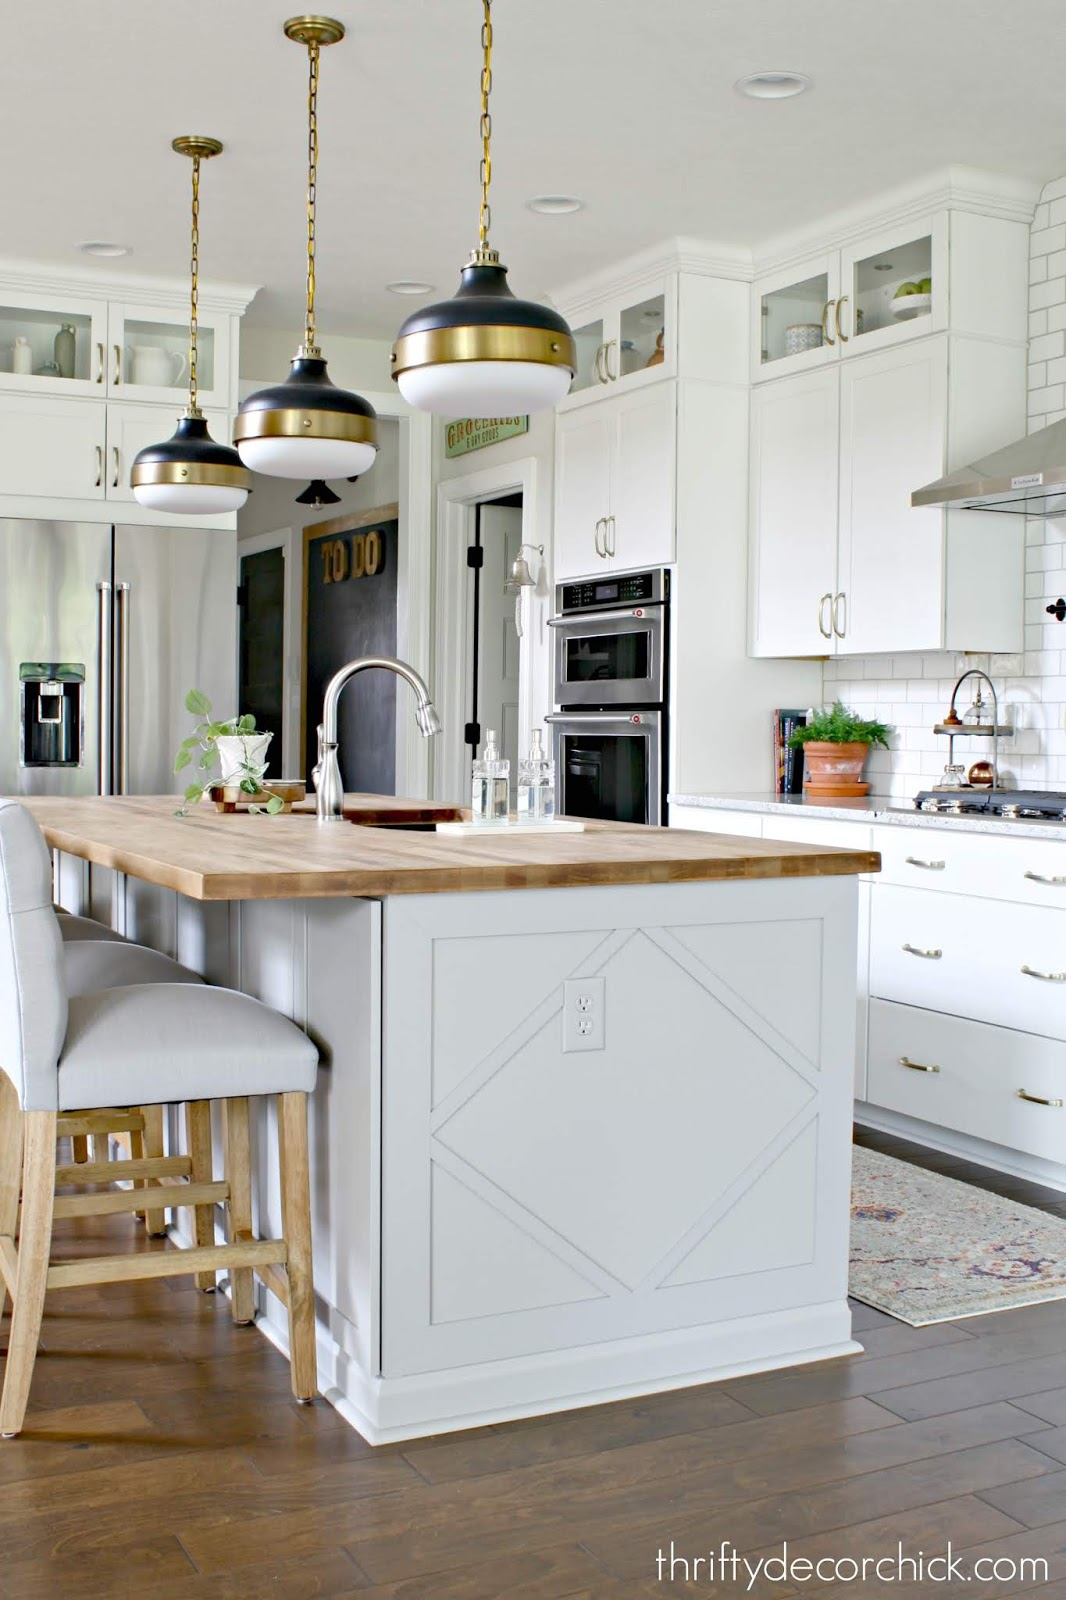 Adding decorative detail to kitchen island